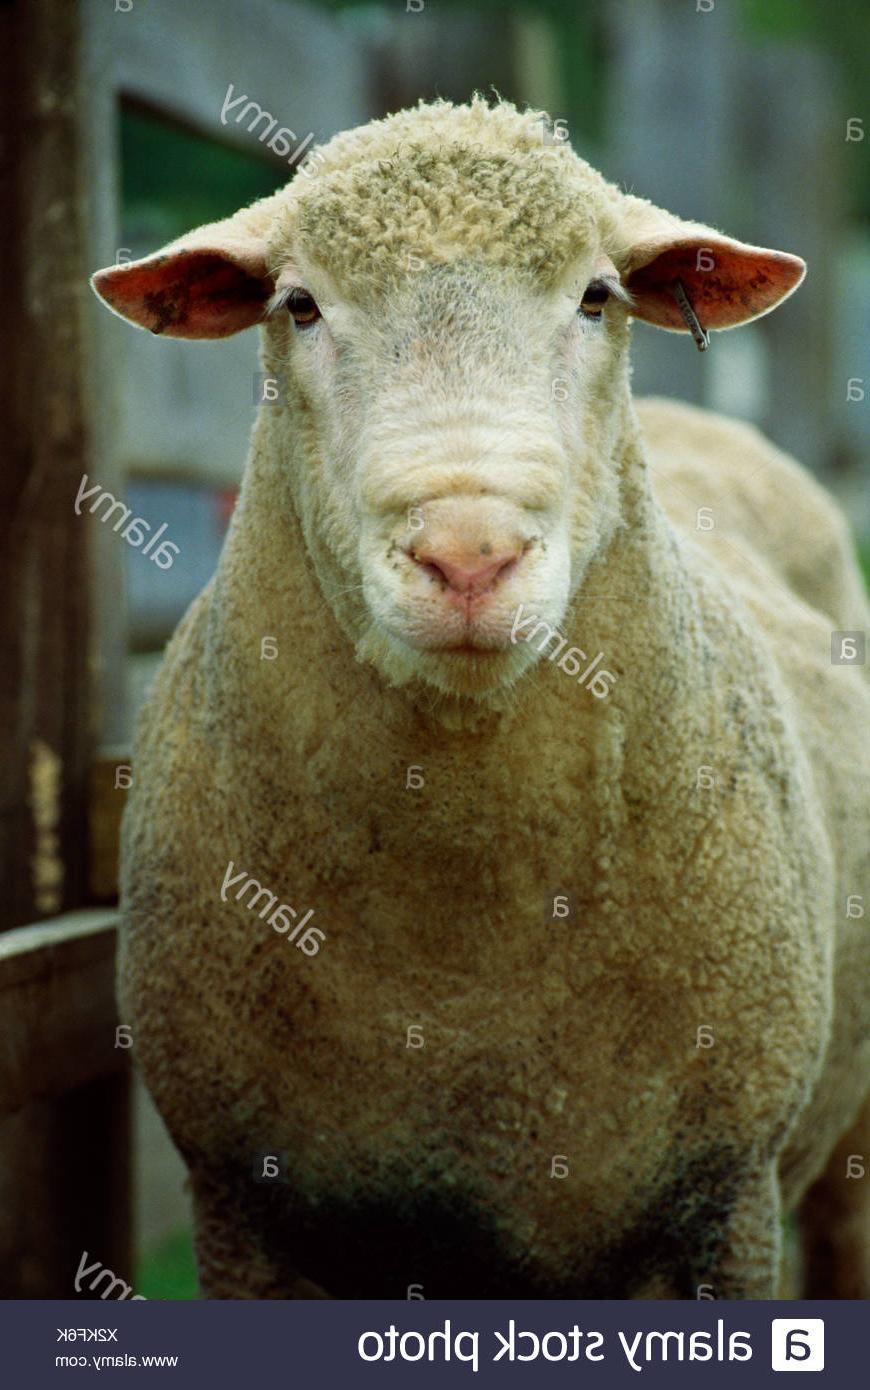 Champion Dorset Ram Stock Photo   Alamy pertaining to Gambar Domba Dorset